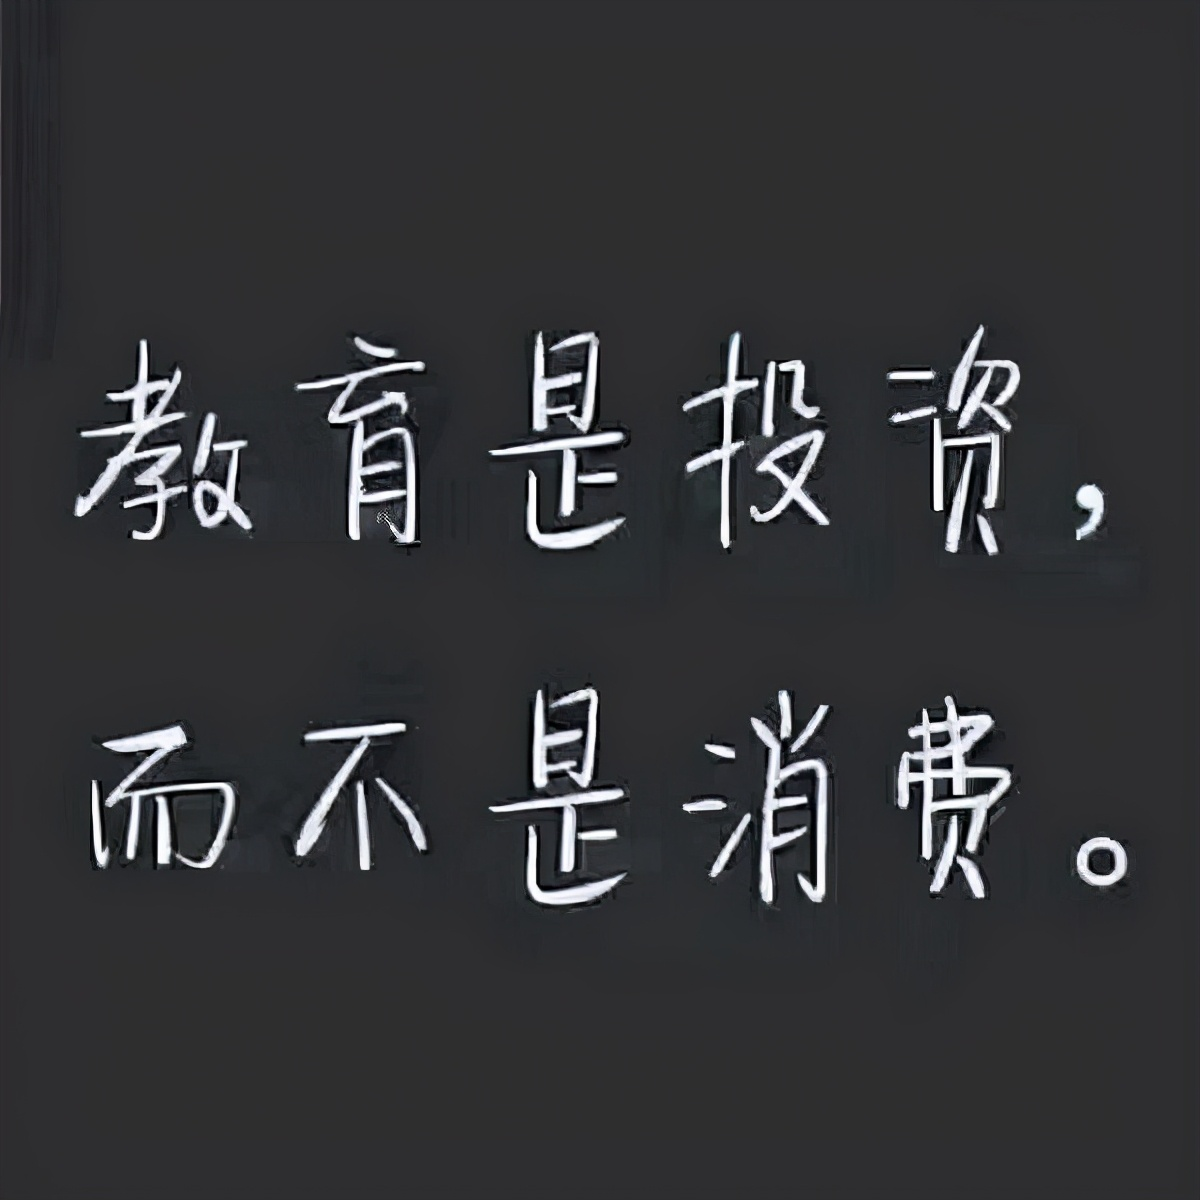 江苏五年制专转本只有积极复习备考才能脱颖而出